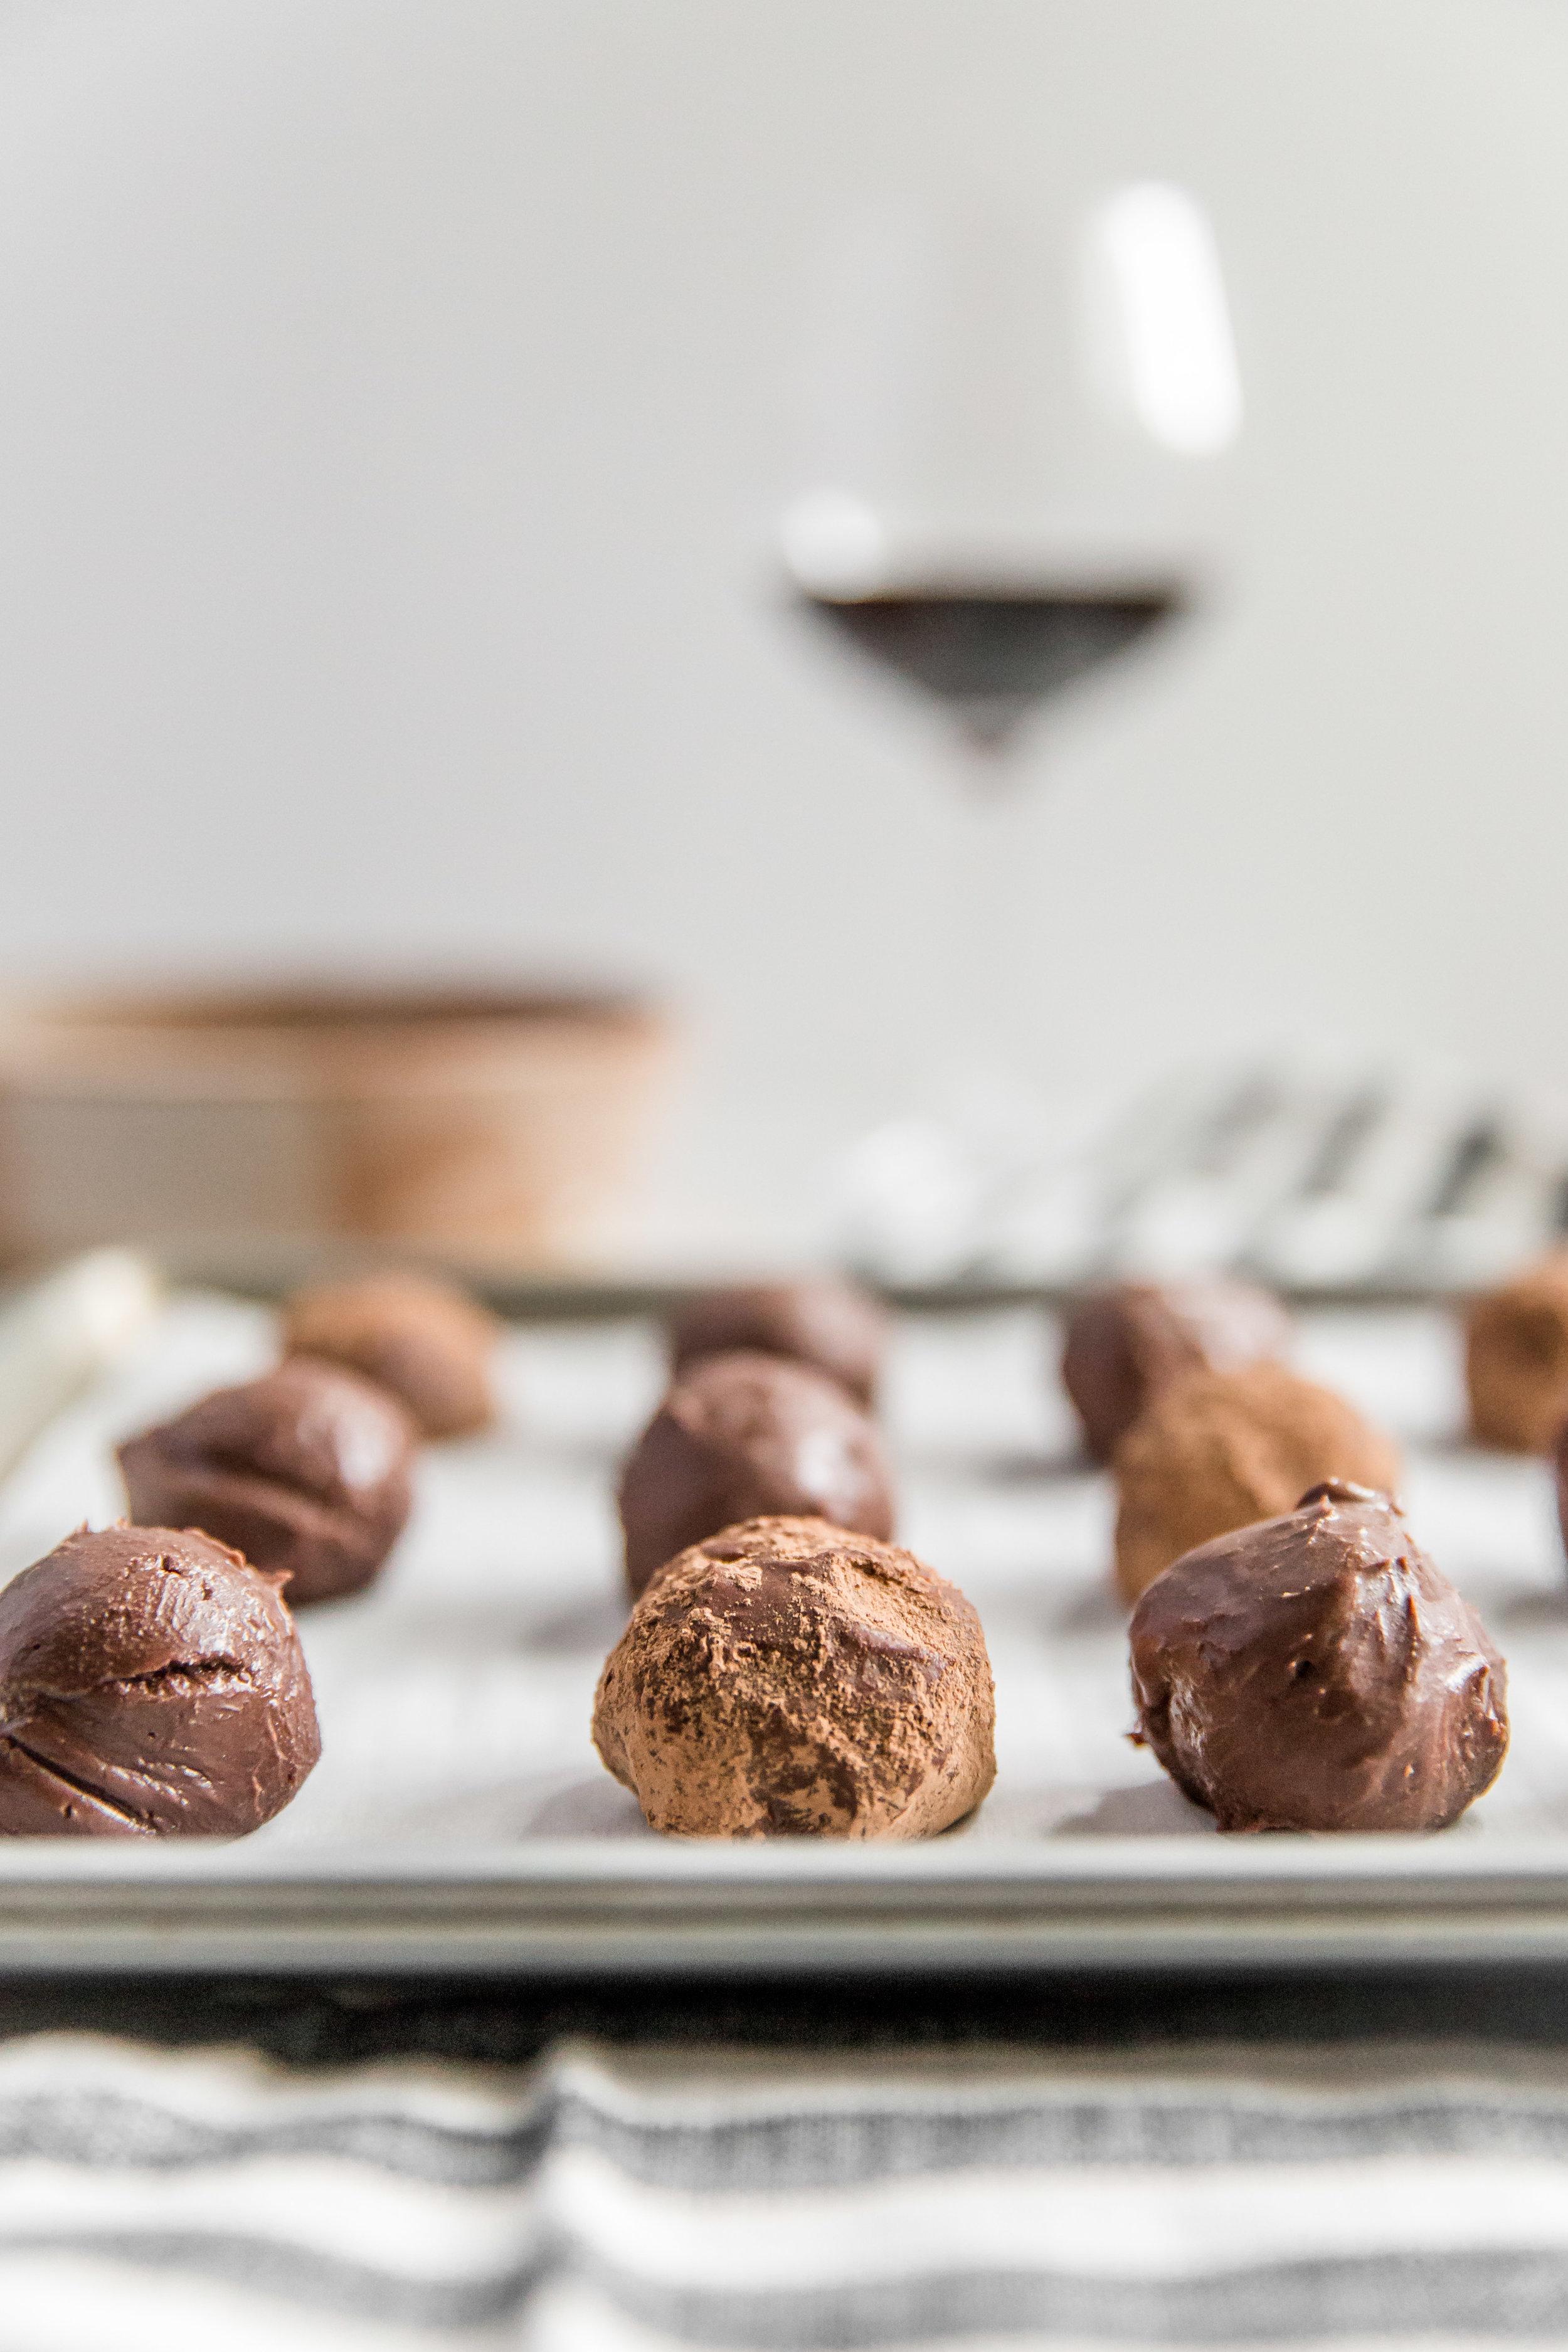 chocolate-wine-truffles-6.jpg